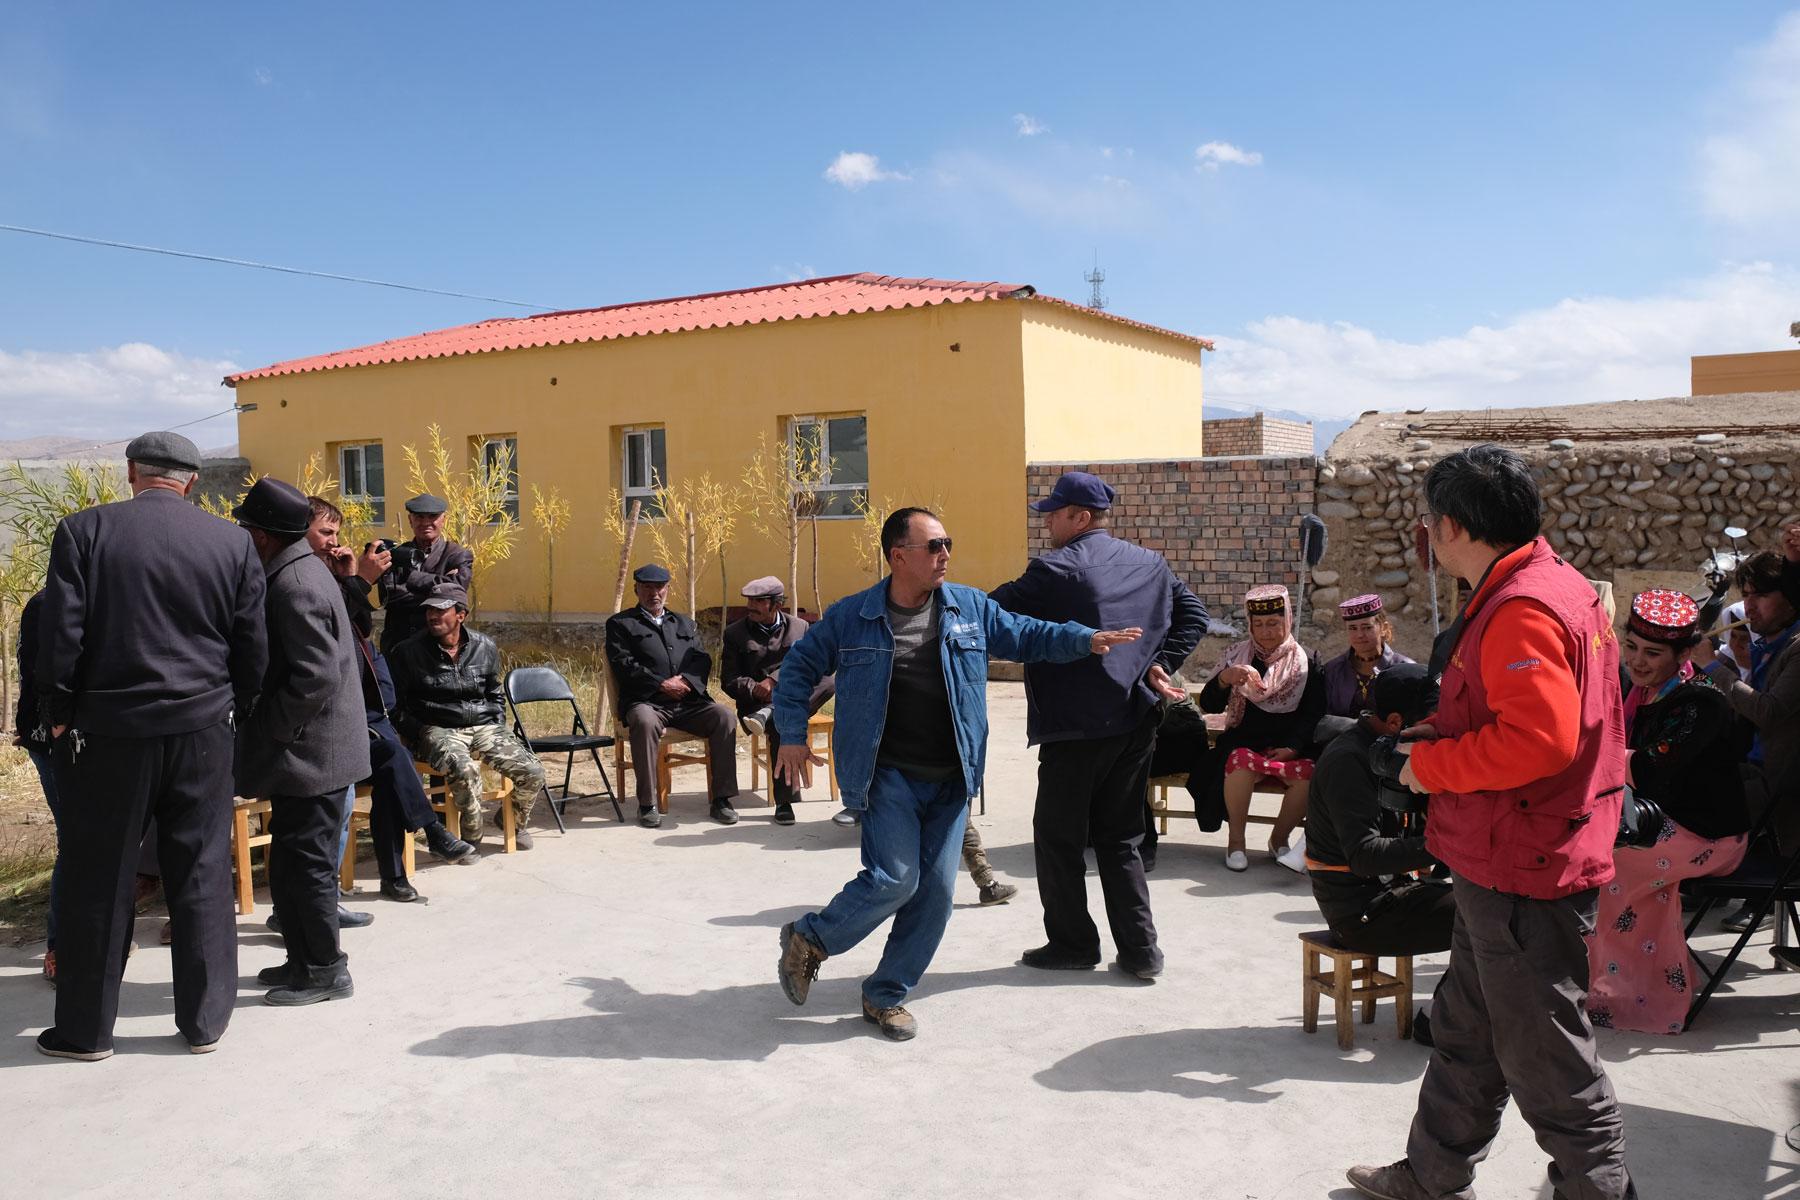 Im Hof tanzen die Männer...